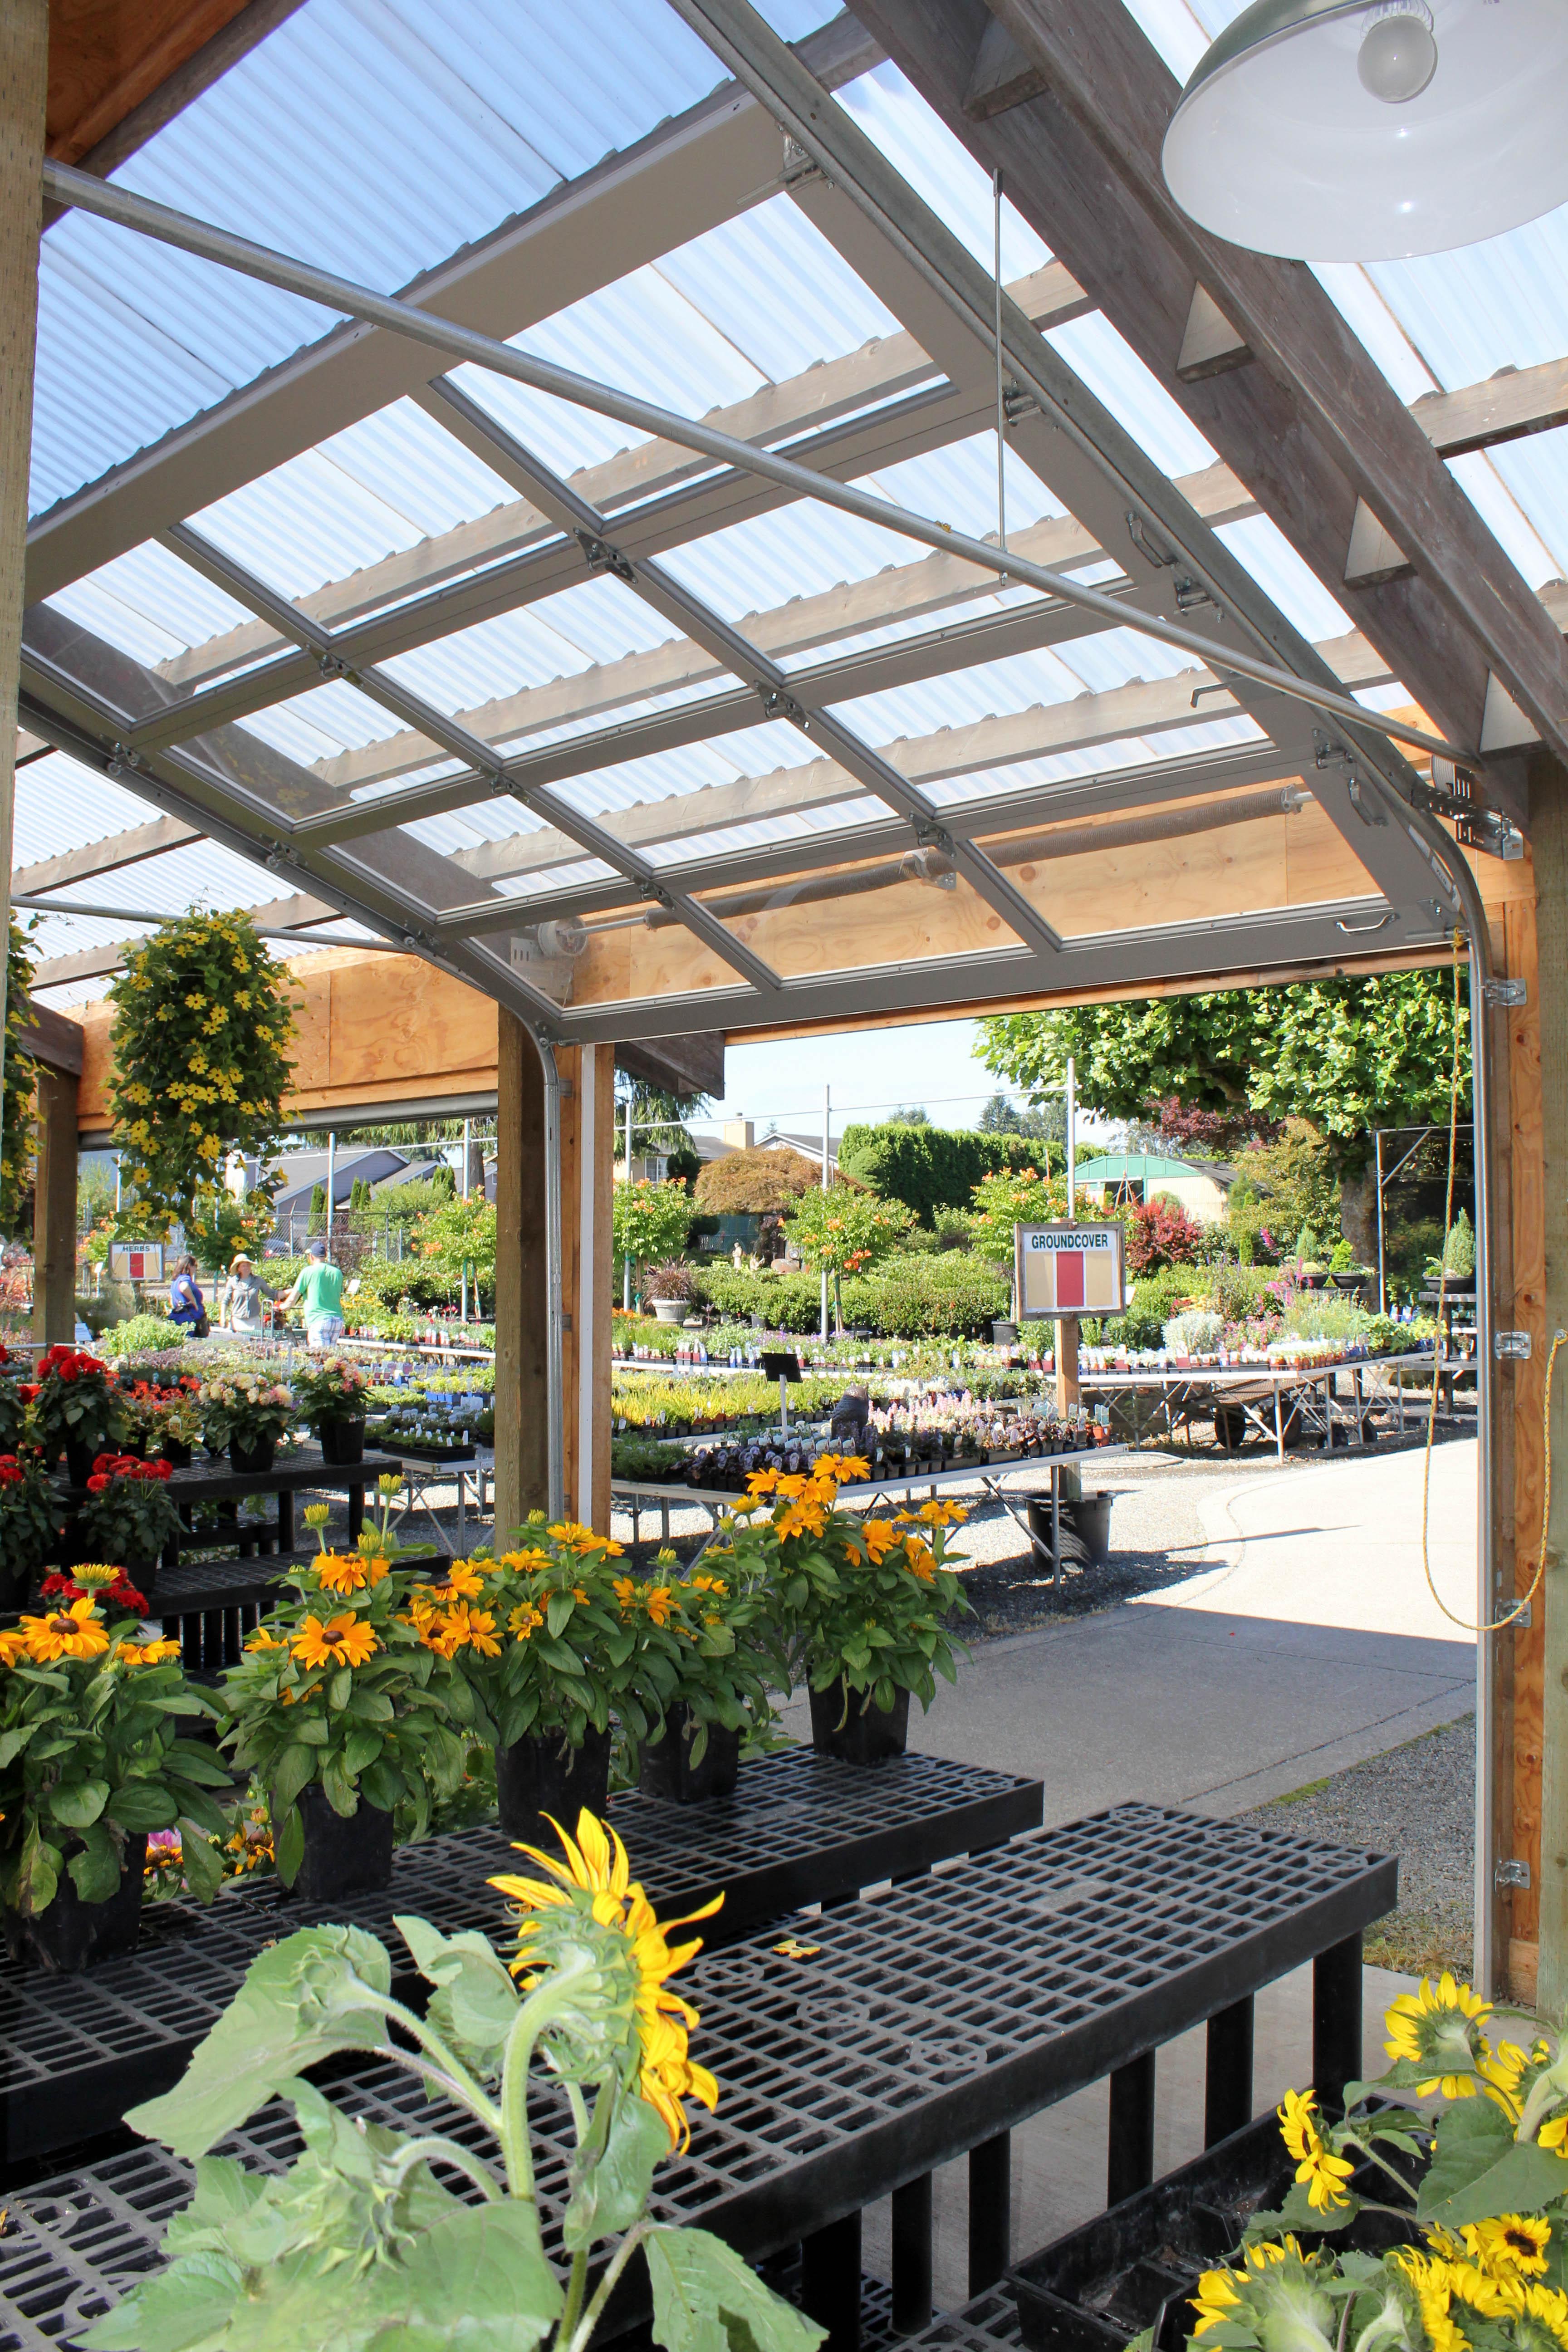 Anese Garden Portland Oregon Day Supplies Restaurant Farmington Gardens 13 Photos 18 Reviews Nur Gardening